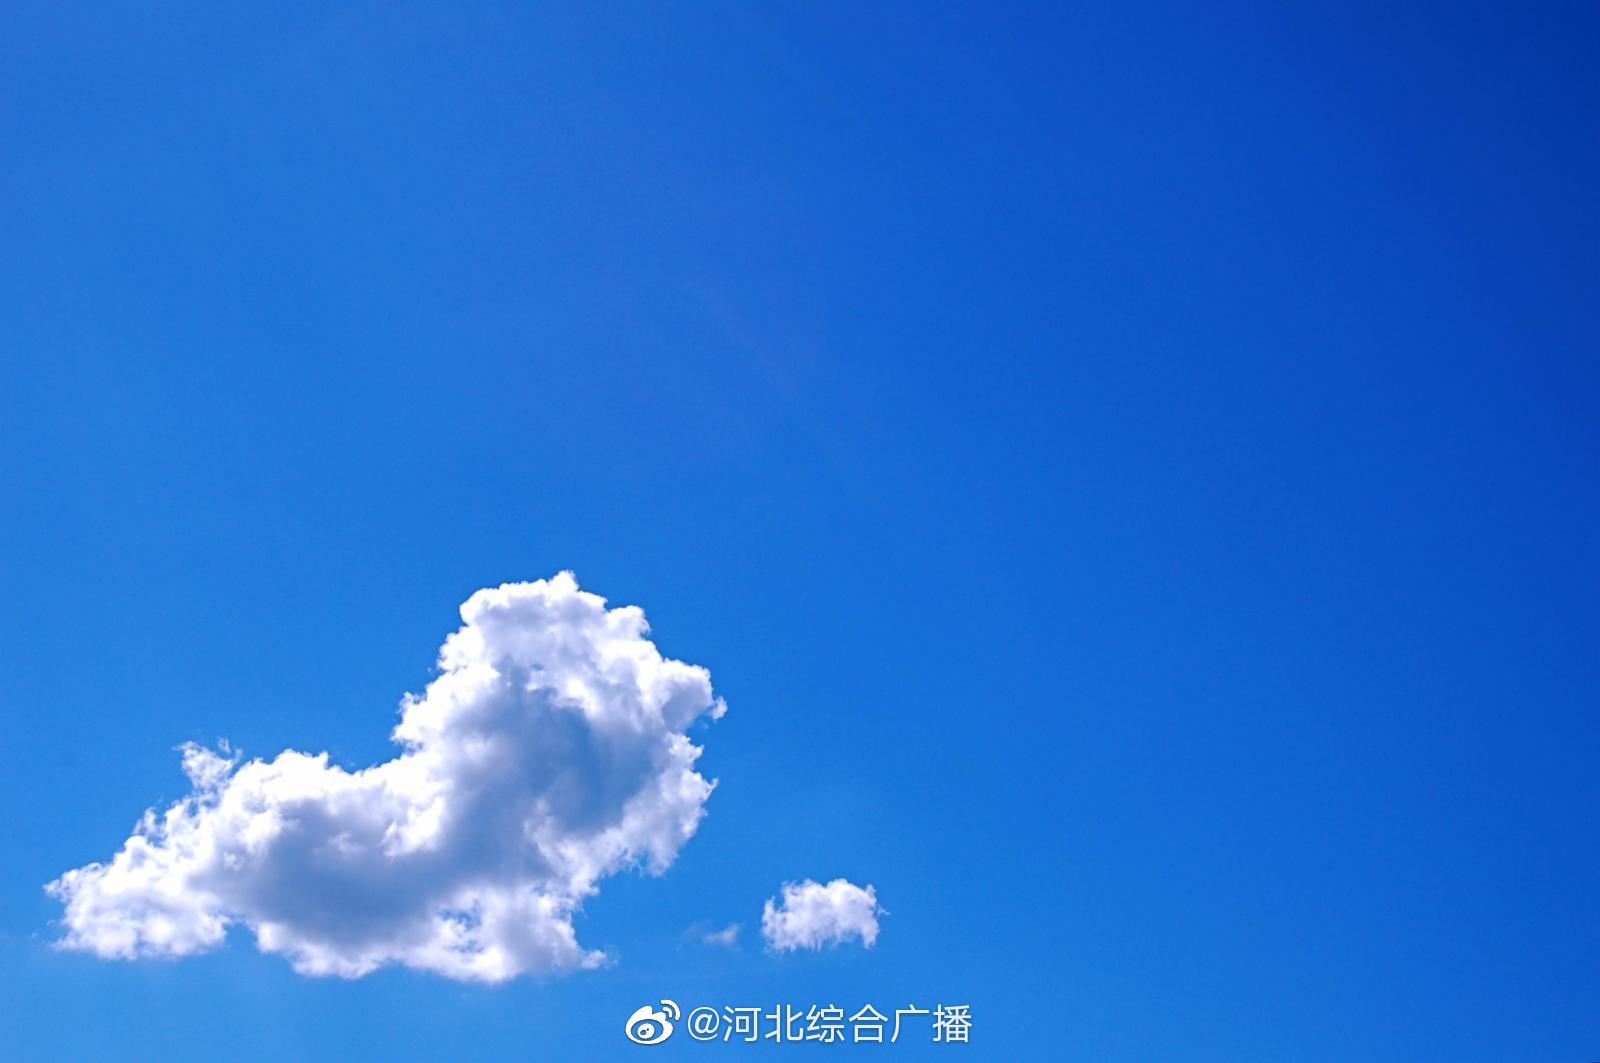 今天下午到夜间,石家庄南部、衡水、邢台、邯郸多云转晴